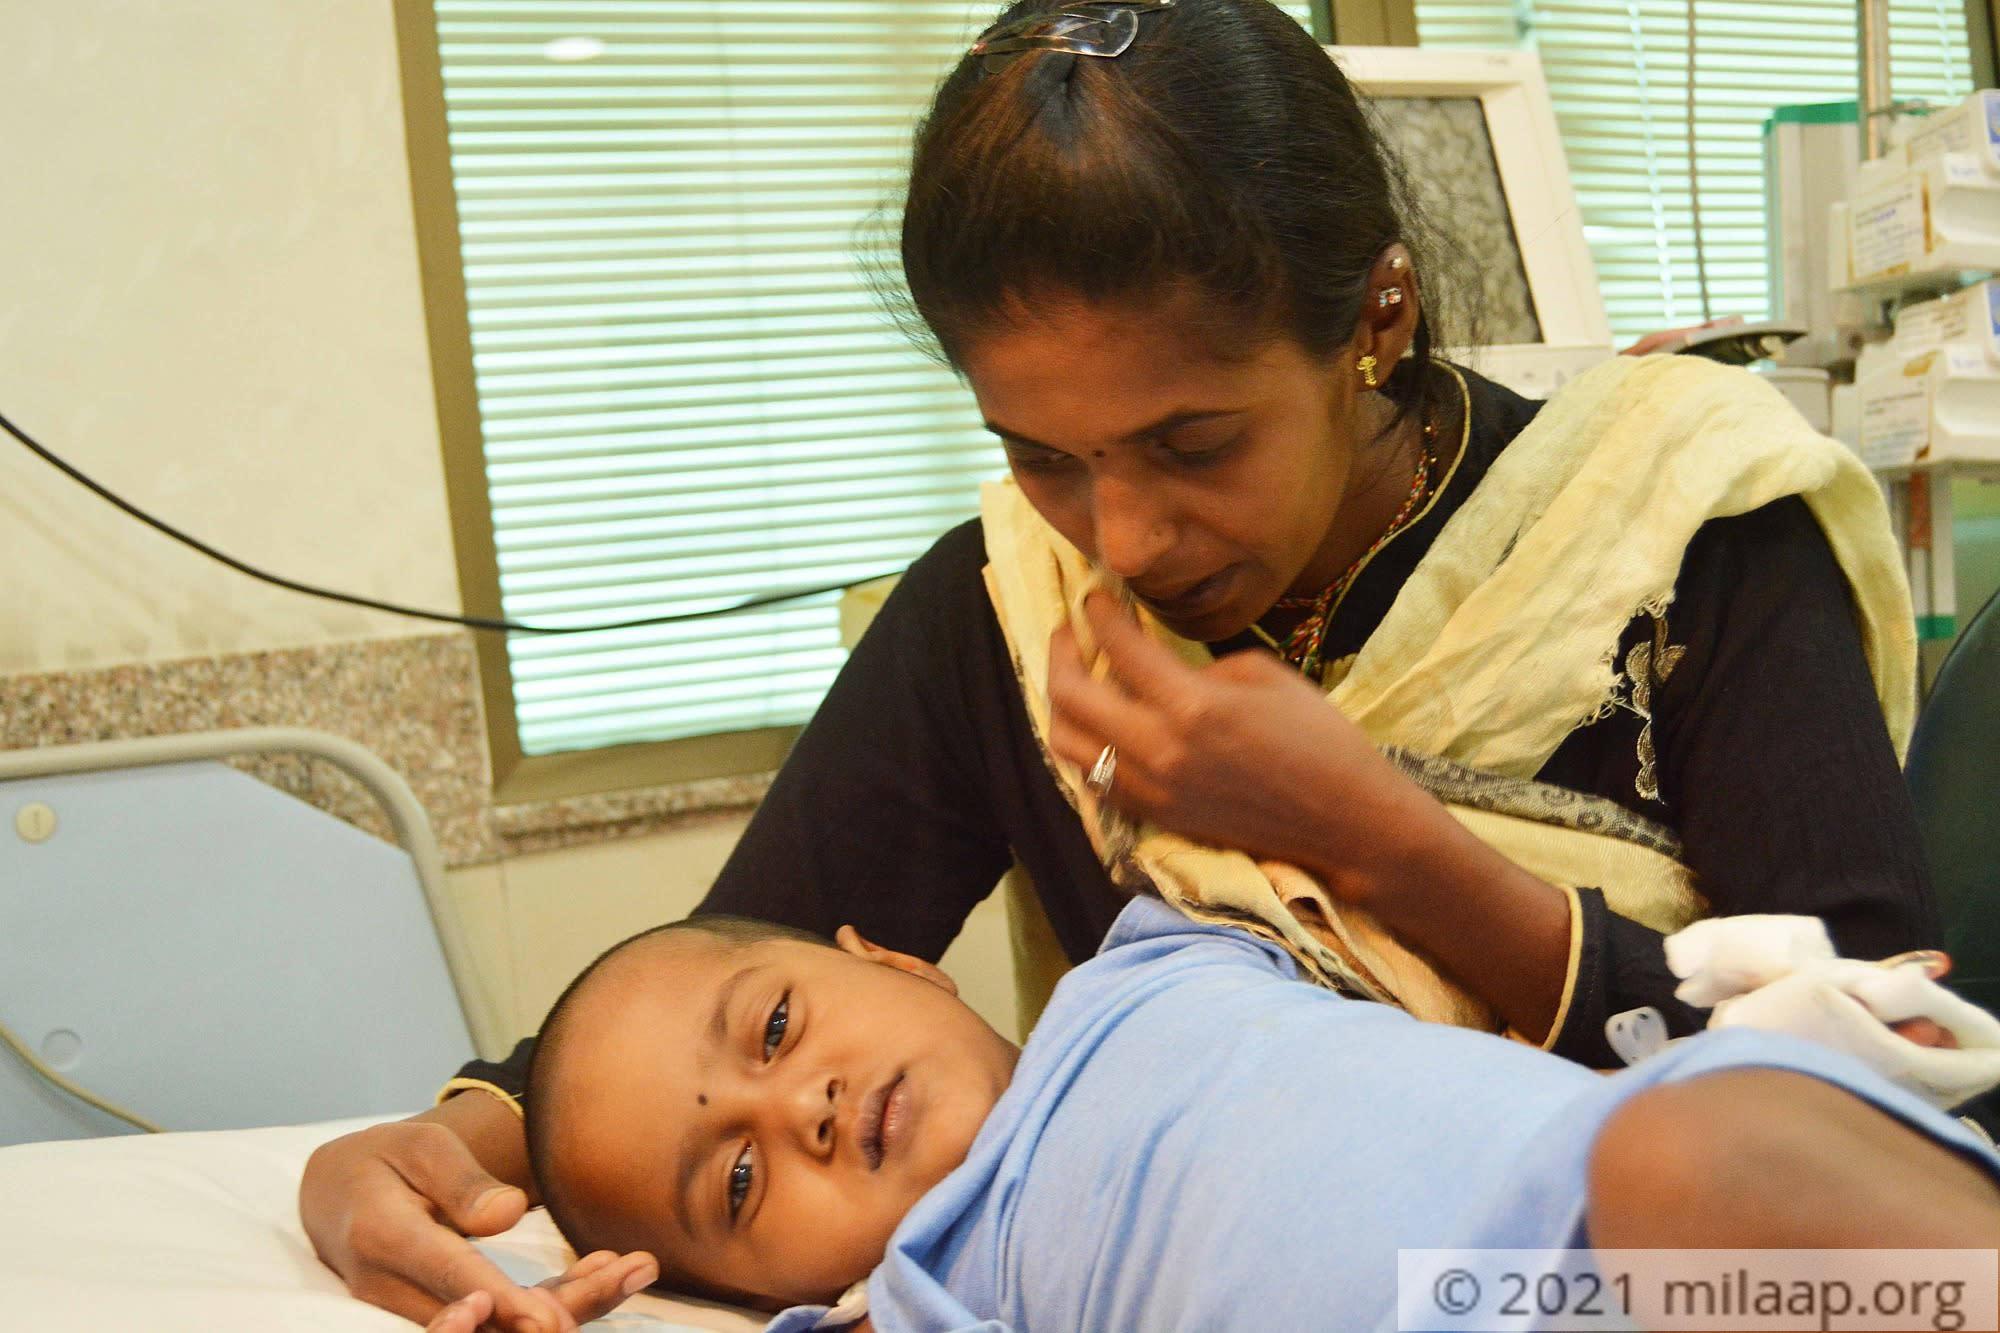 Riddhi asian heart institute 24 ndt9xb 1575274317